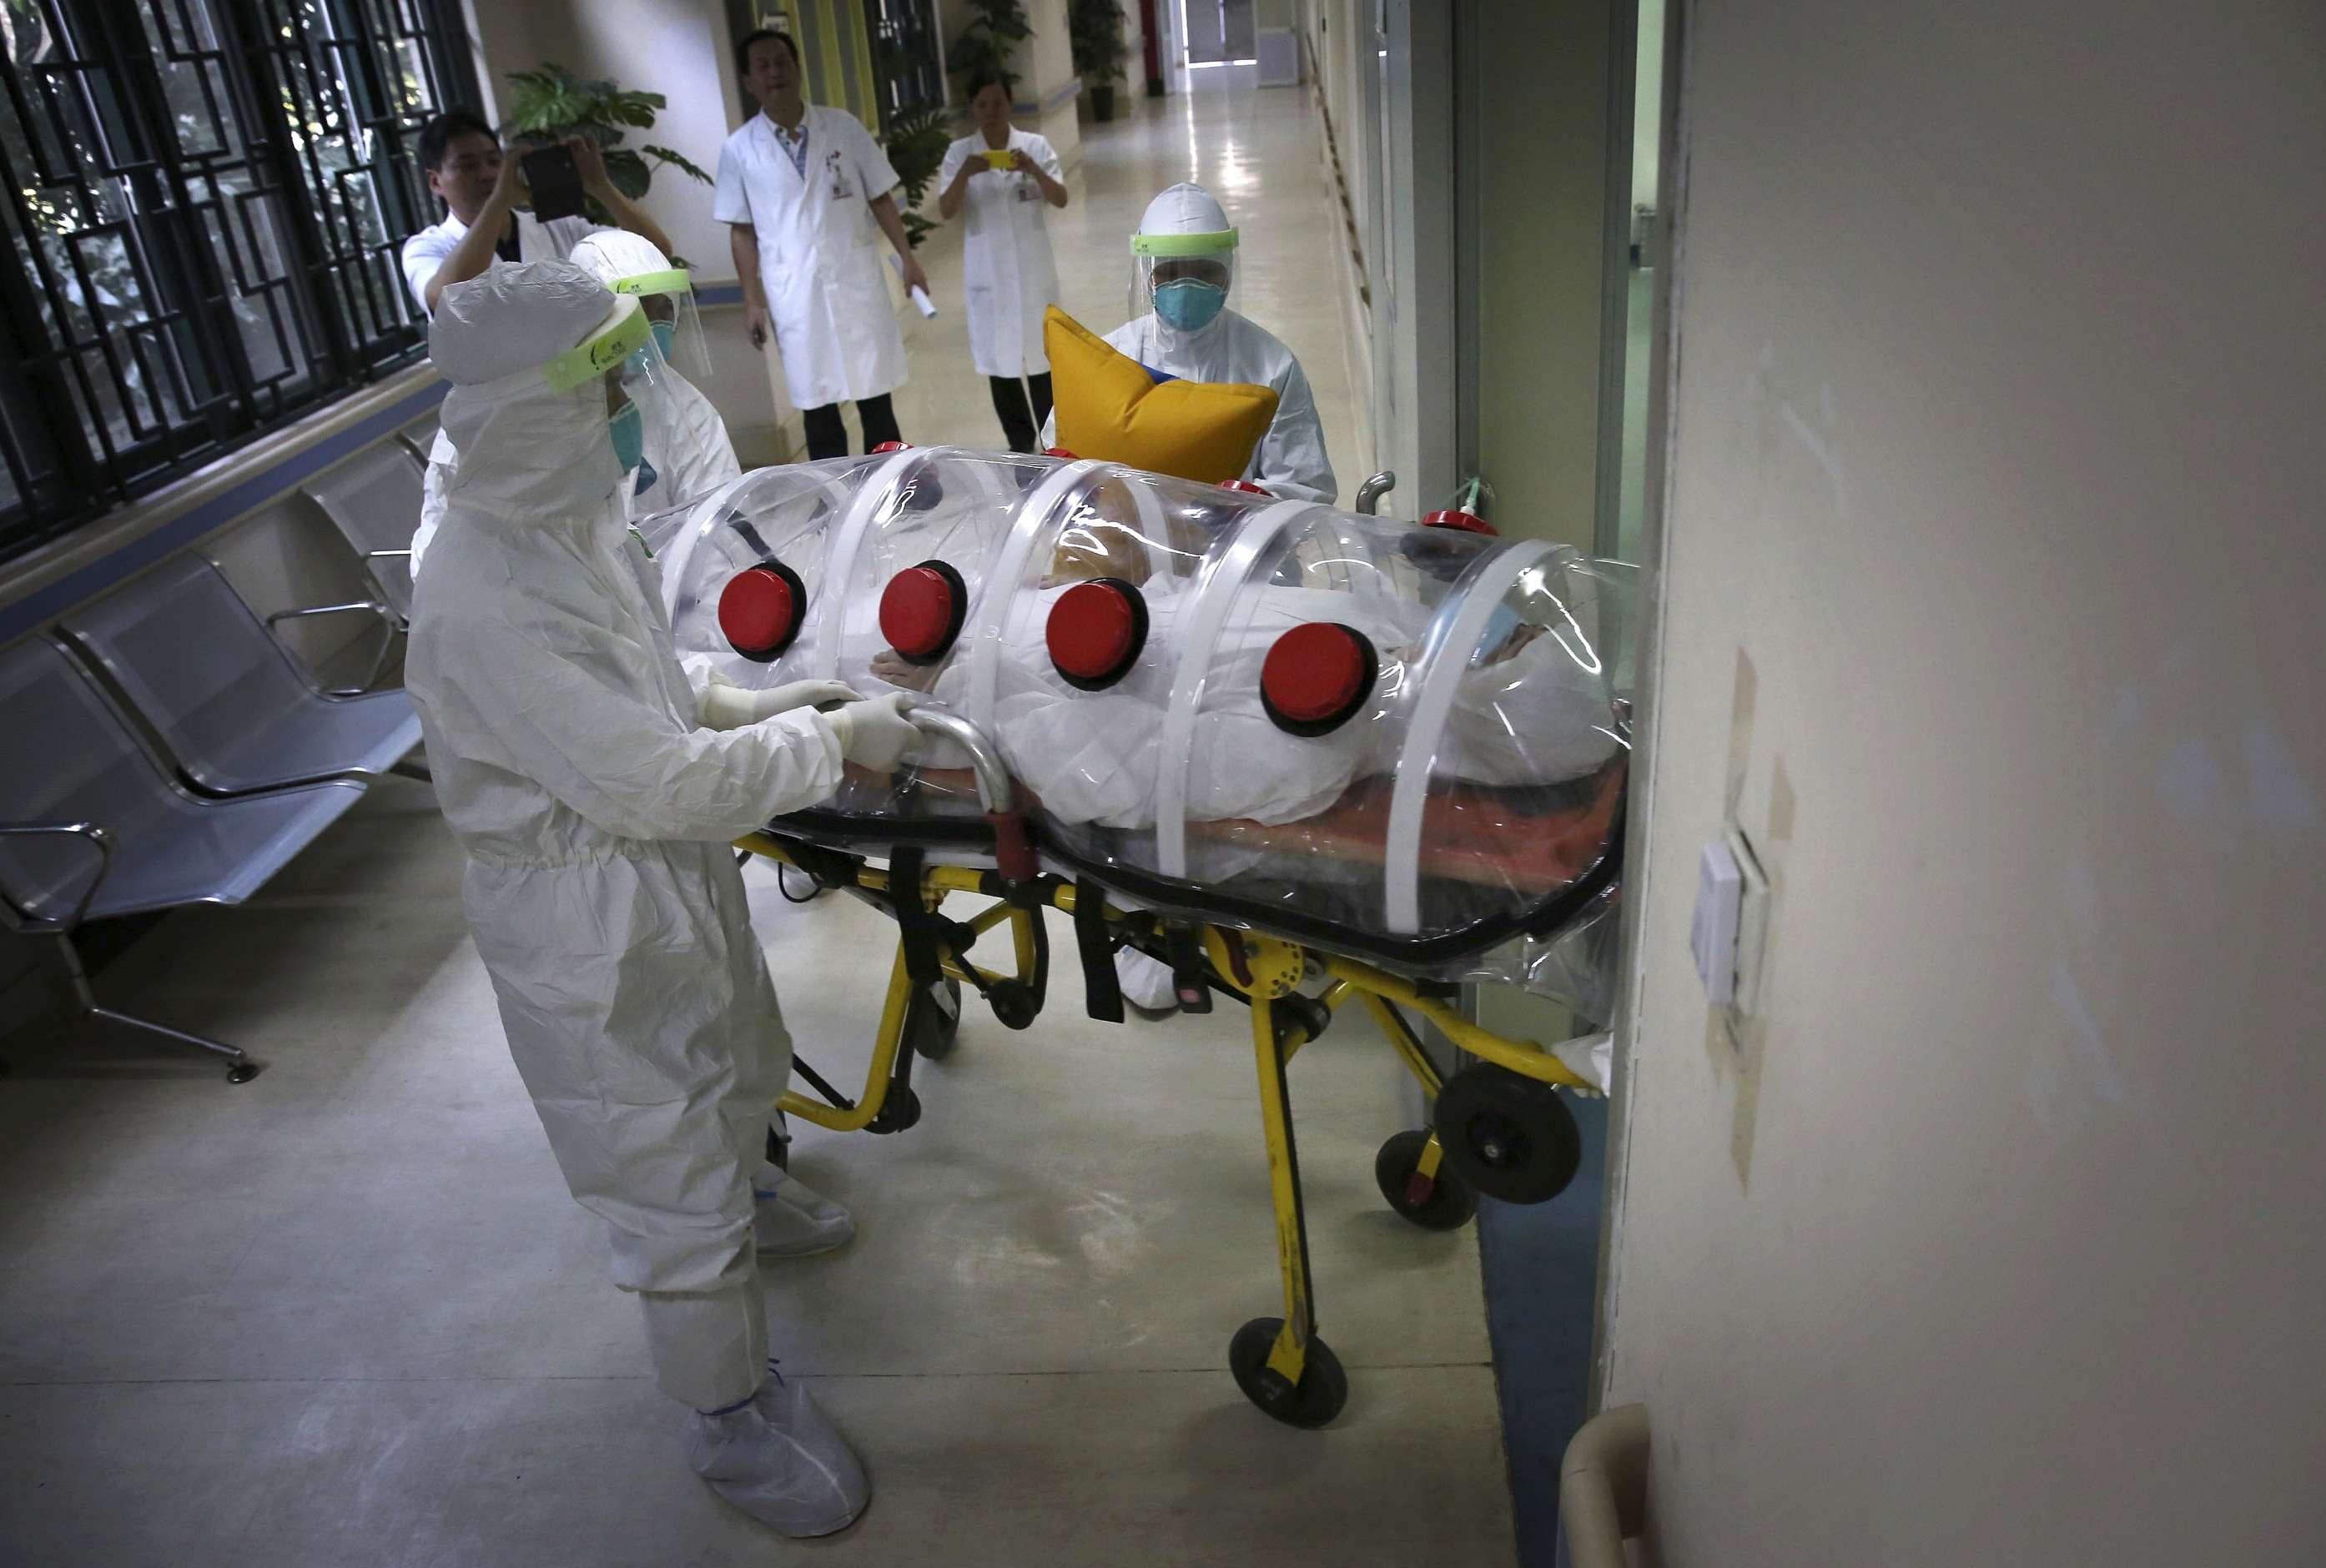 El ébola es una emergencia mundial. En la imagen, procedimientos para manejar pacientes en un hospital de Guangzhou, China, el 16 de octubre de 2014. Foto: Reuters en español